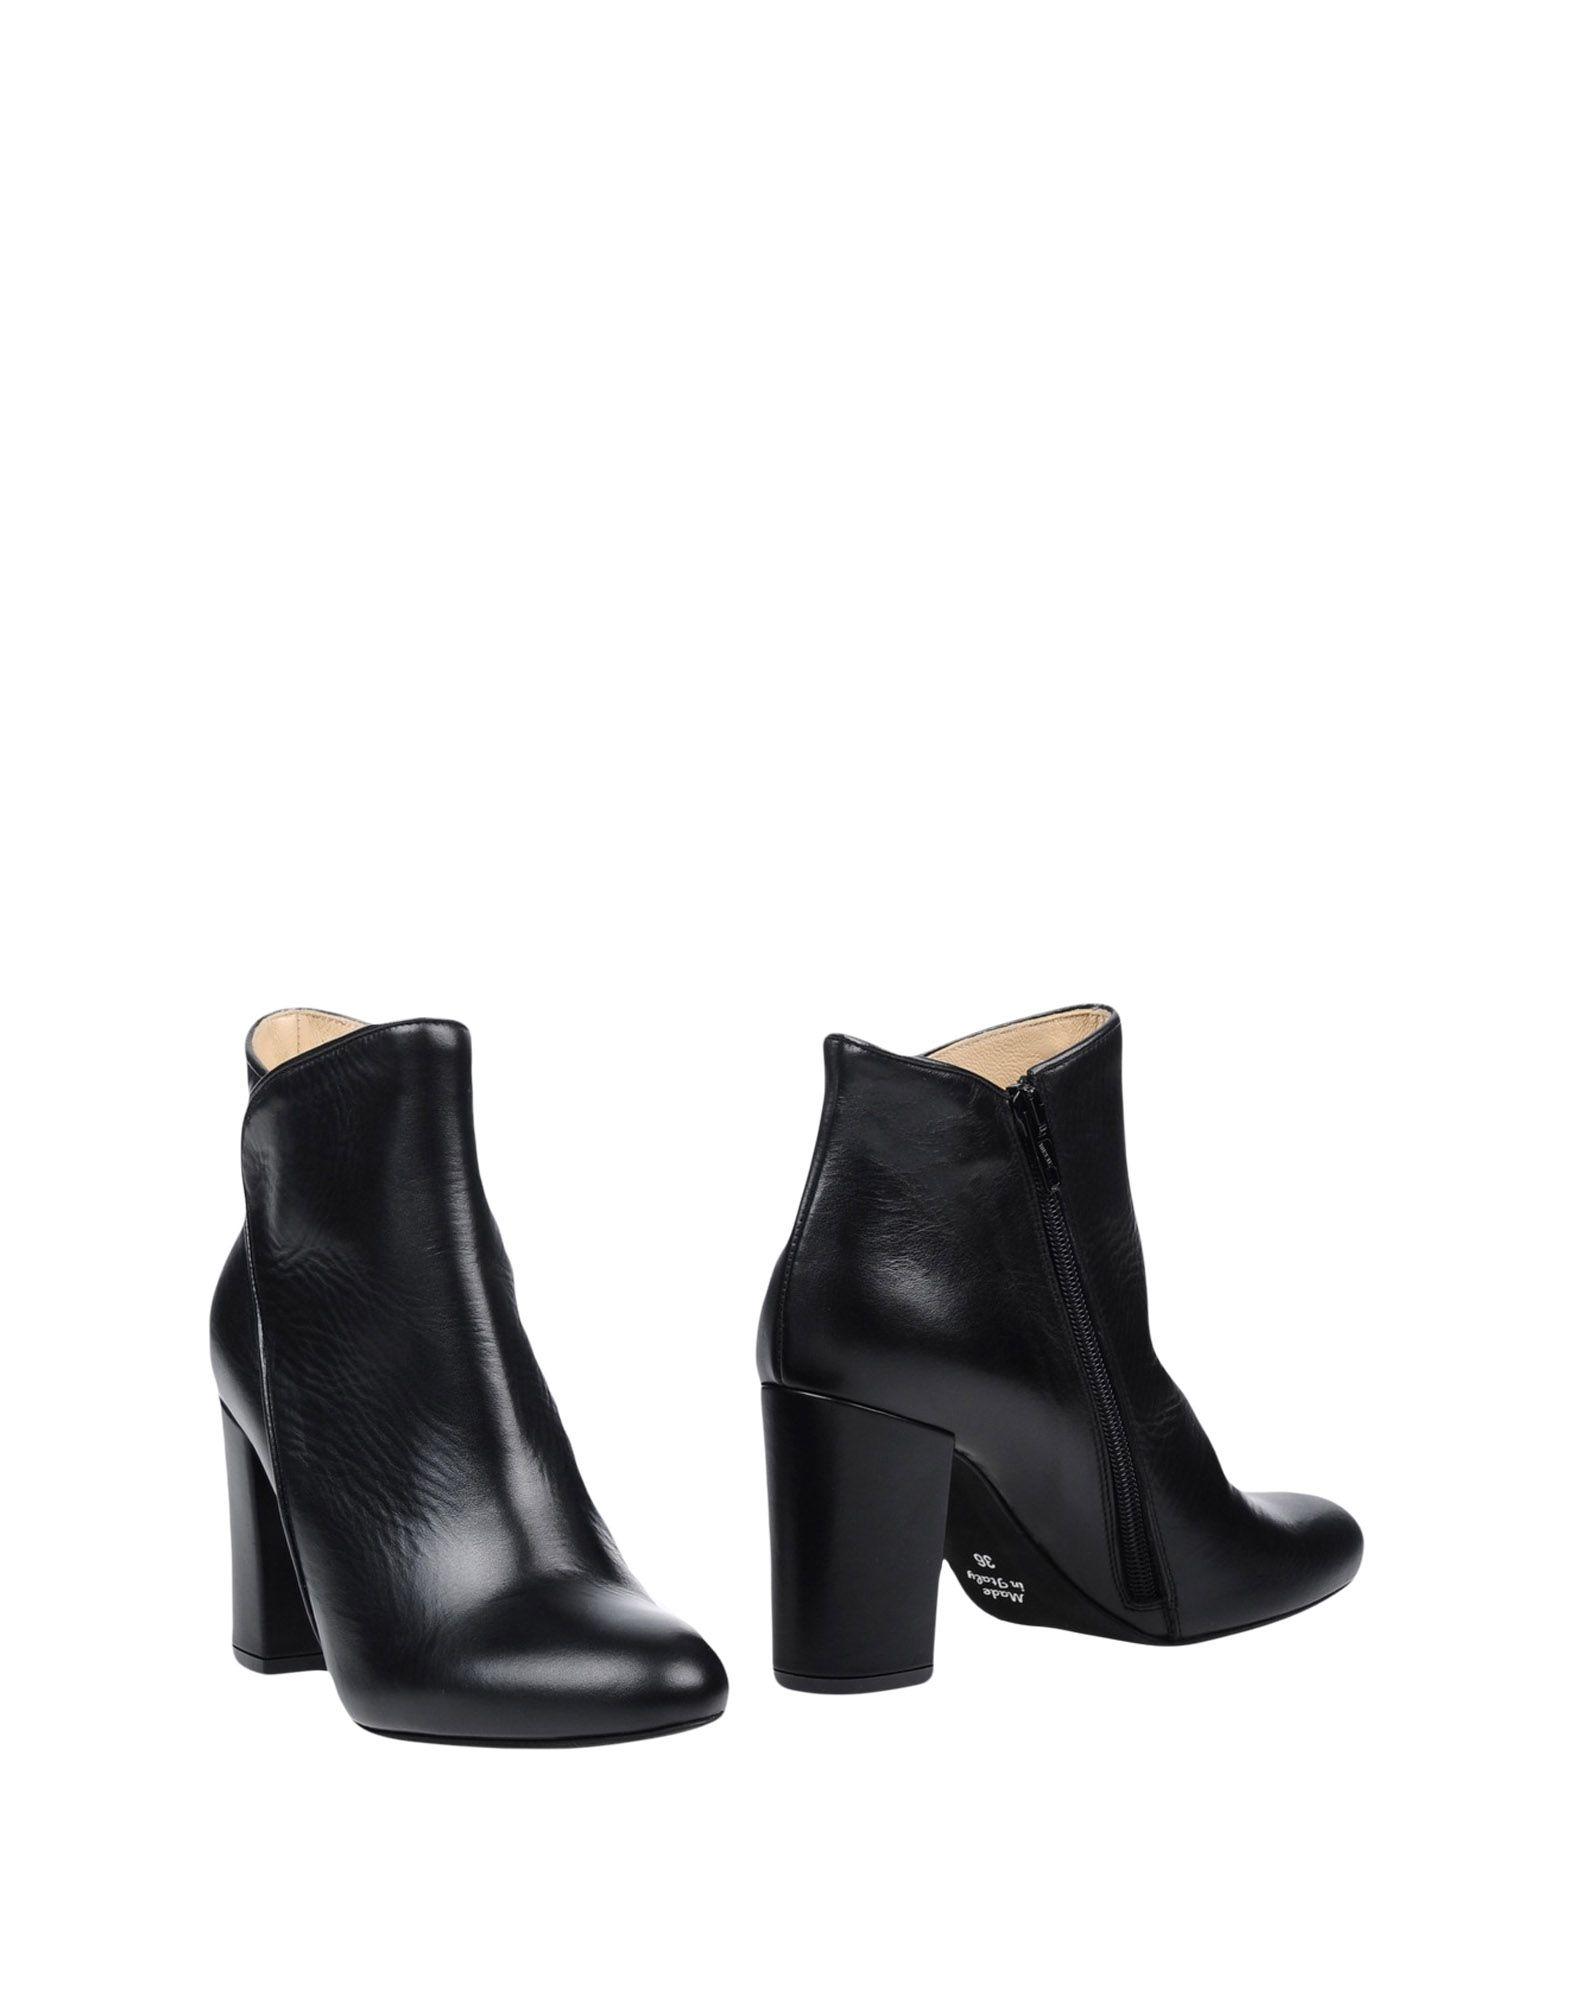 Stele Stiefelette Damen  11454455UIGut aussehende strapazierfähige Schuhe